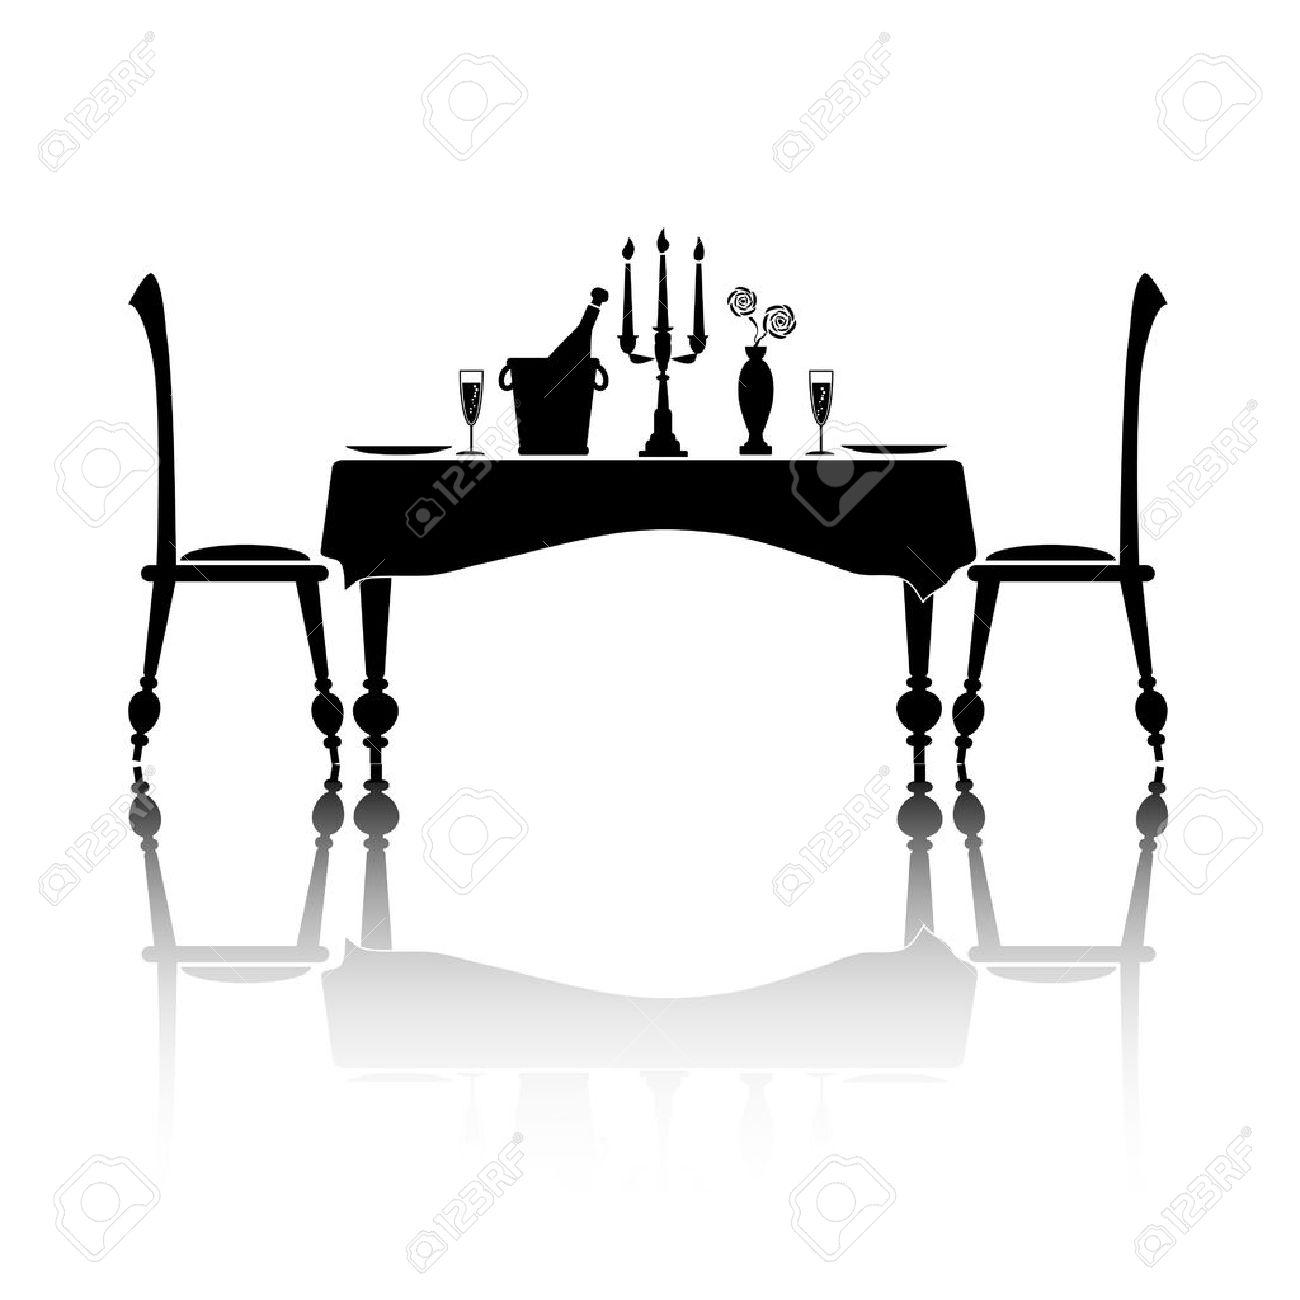 Silhouette eines romantischen gedeckten Tisch für zwei Personen. Schwarz und weiß mit Reflexion und Platz für Ihren Text.